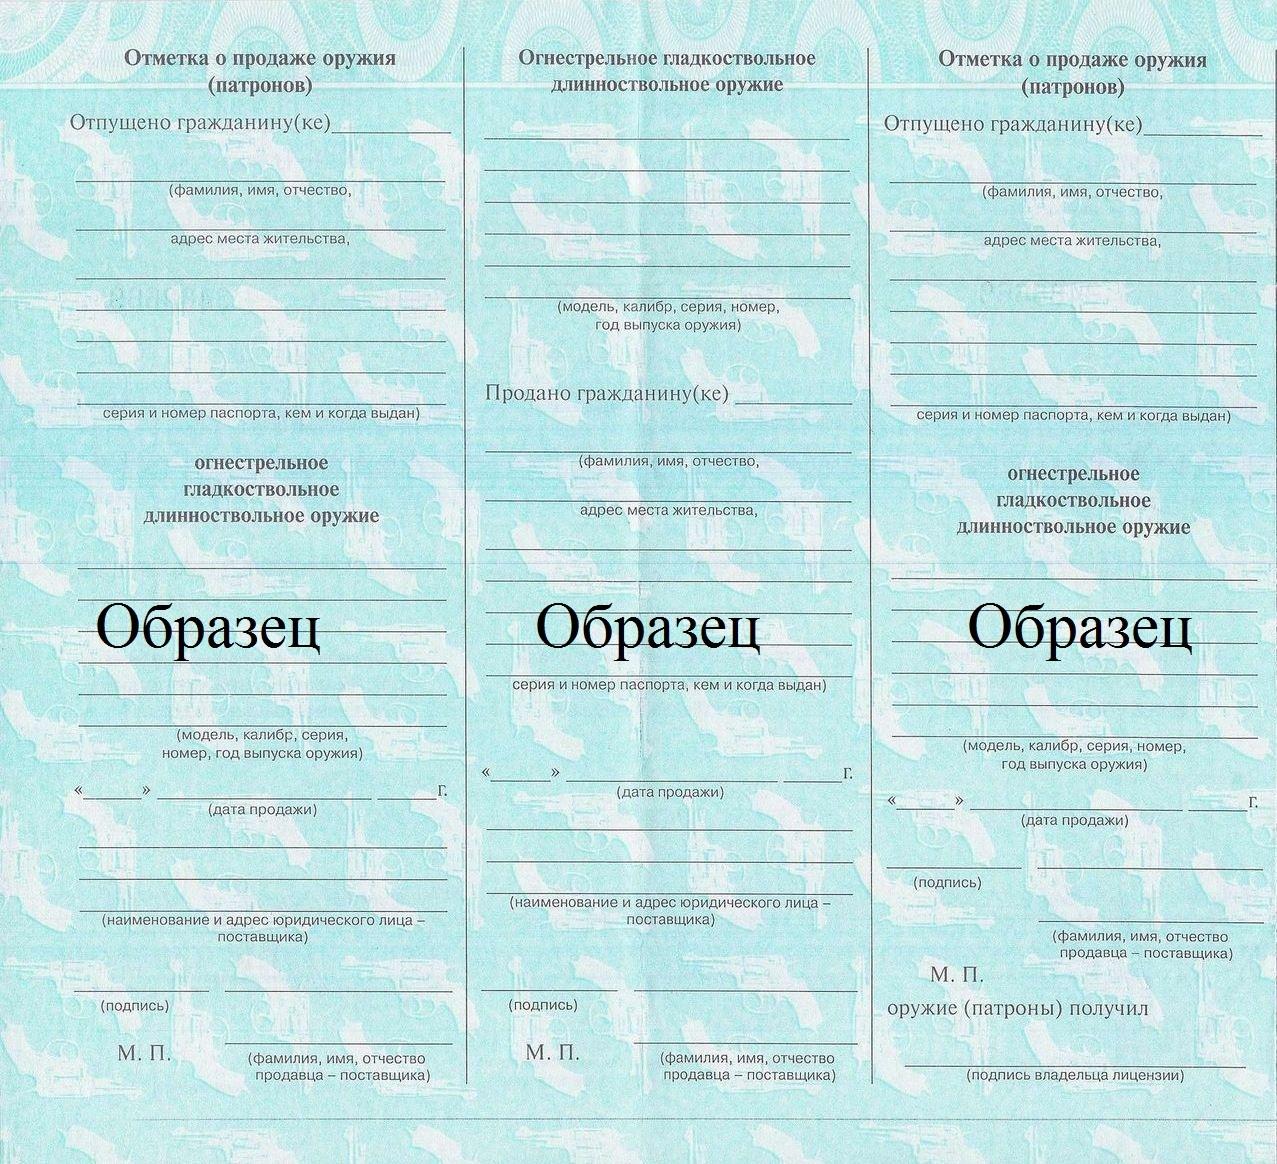 Получить лицензию на оружие по временной регистрации временная регистрация в нежилом здании